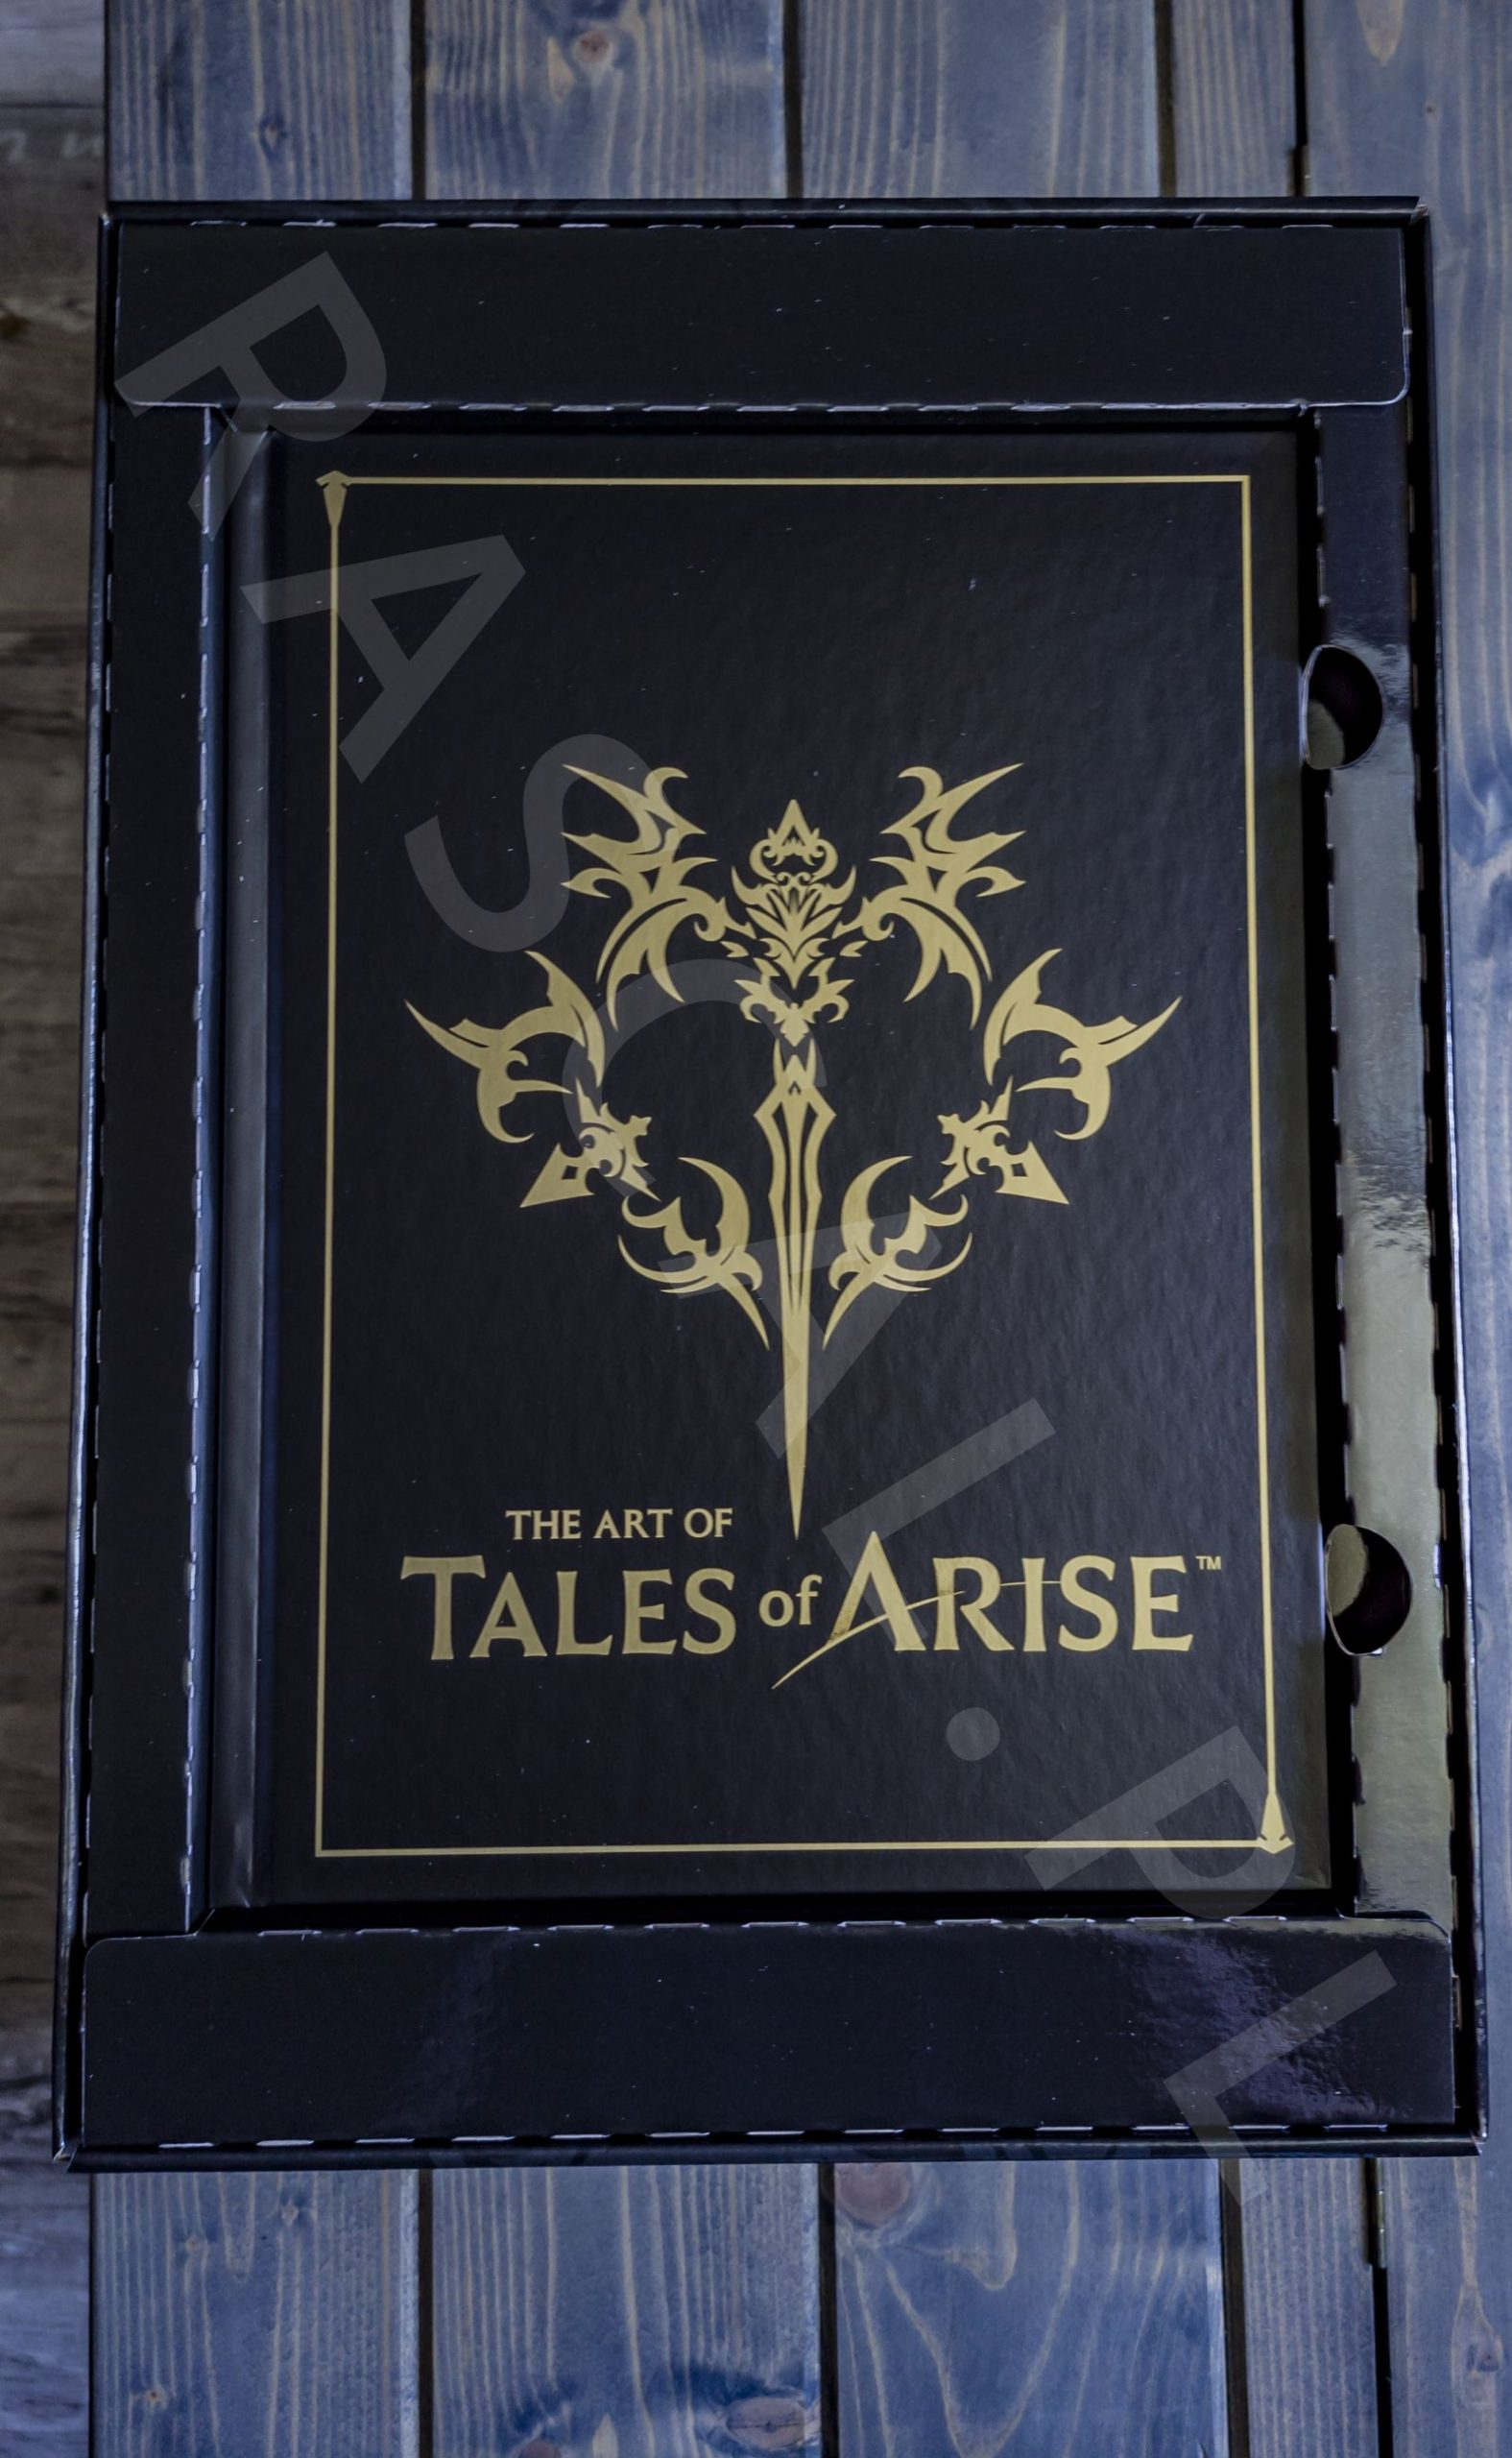 Tales of Arise Collector's Edition - recenzja edycji kolekcjonerskiej - rascal.pl